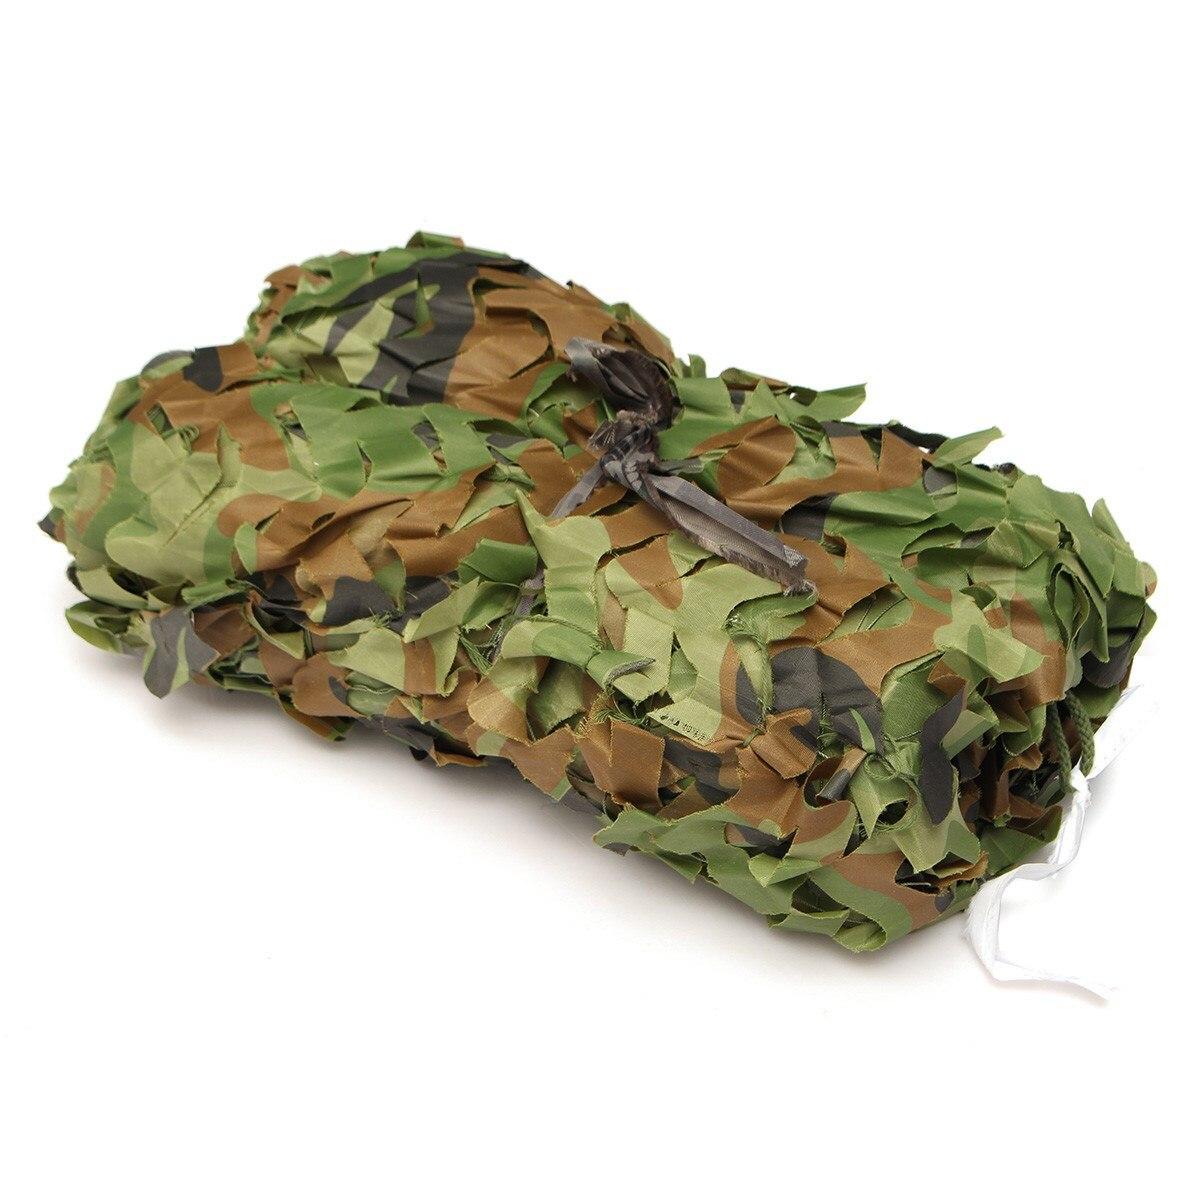 Prix pour 7X1.5 m Woodland Camouflage Camo Net Camping Militaire Chasse Photographie ombre net Tente De Voiture-couvre Soleil Abri